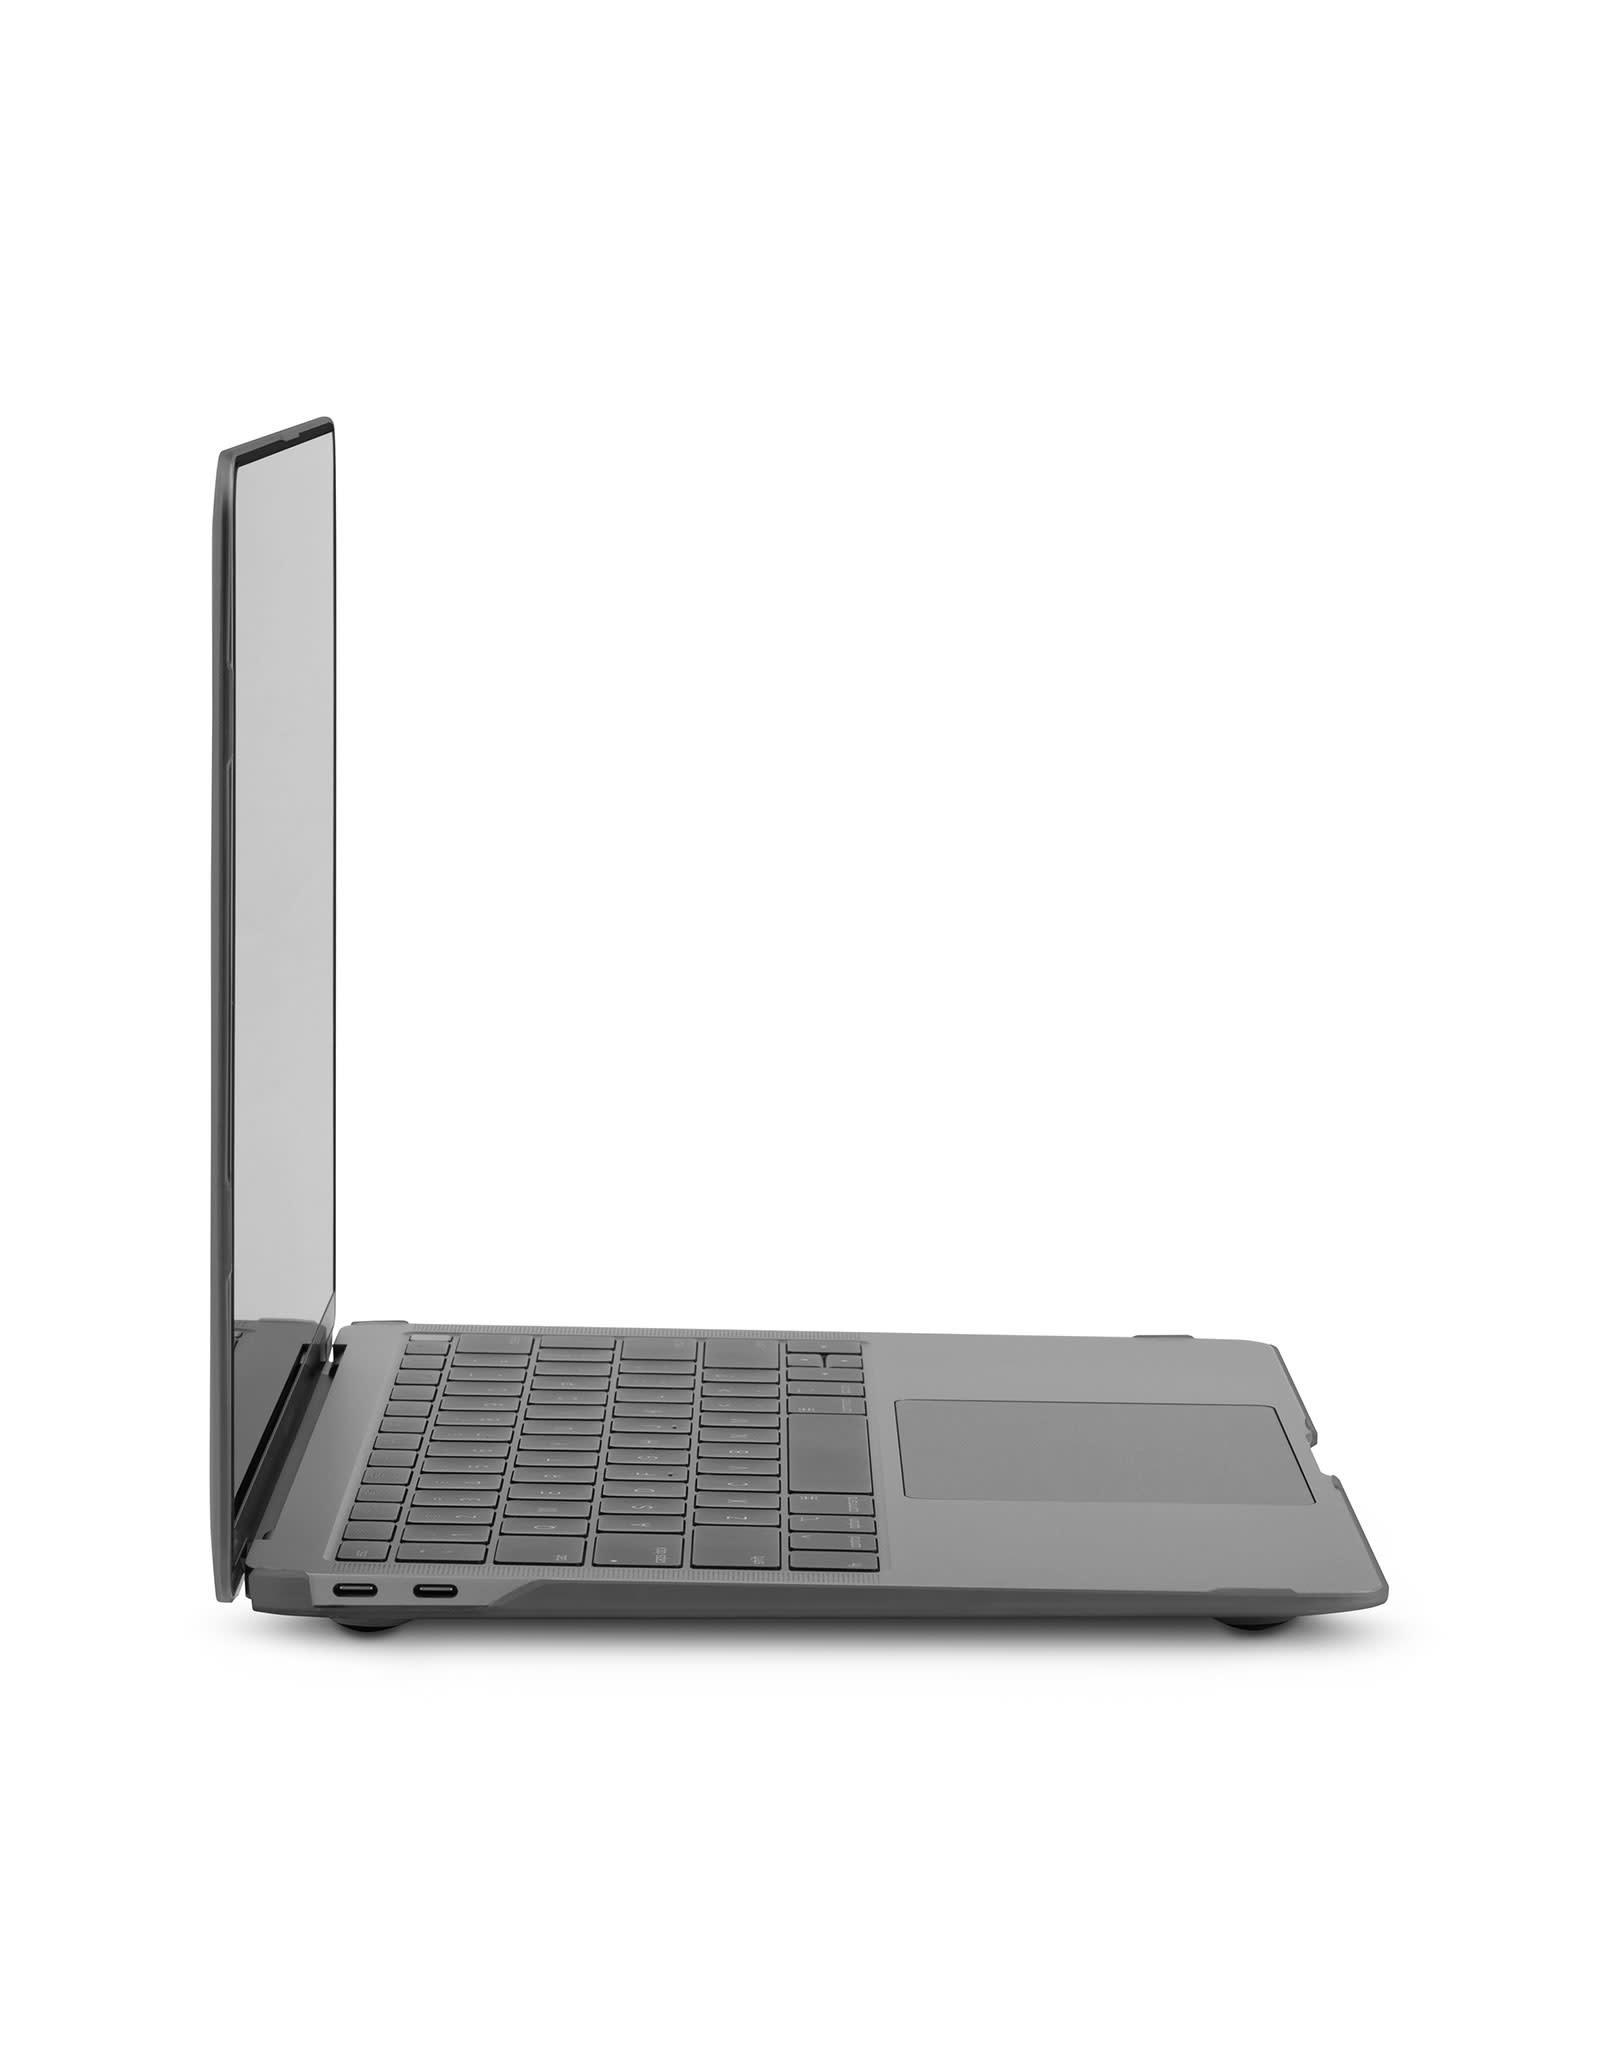 Moshi iGlaze for MacBook Air 13 (Thunderbolt 3/USB-C) - Black